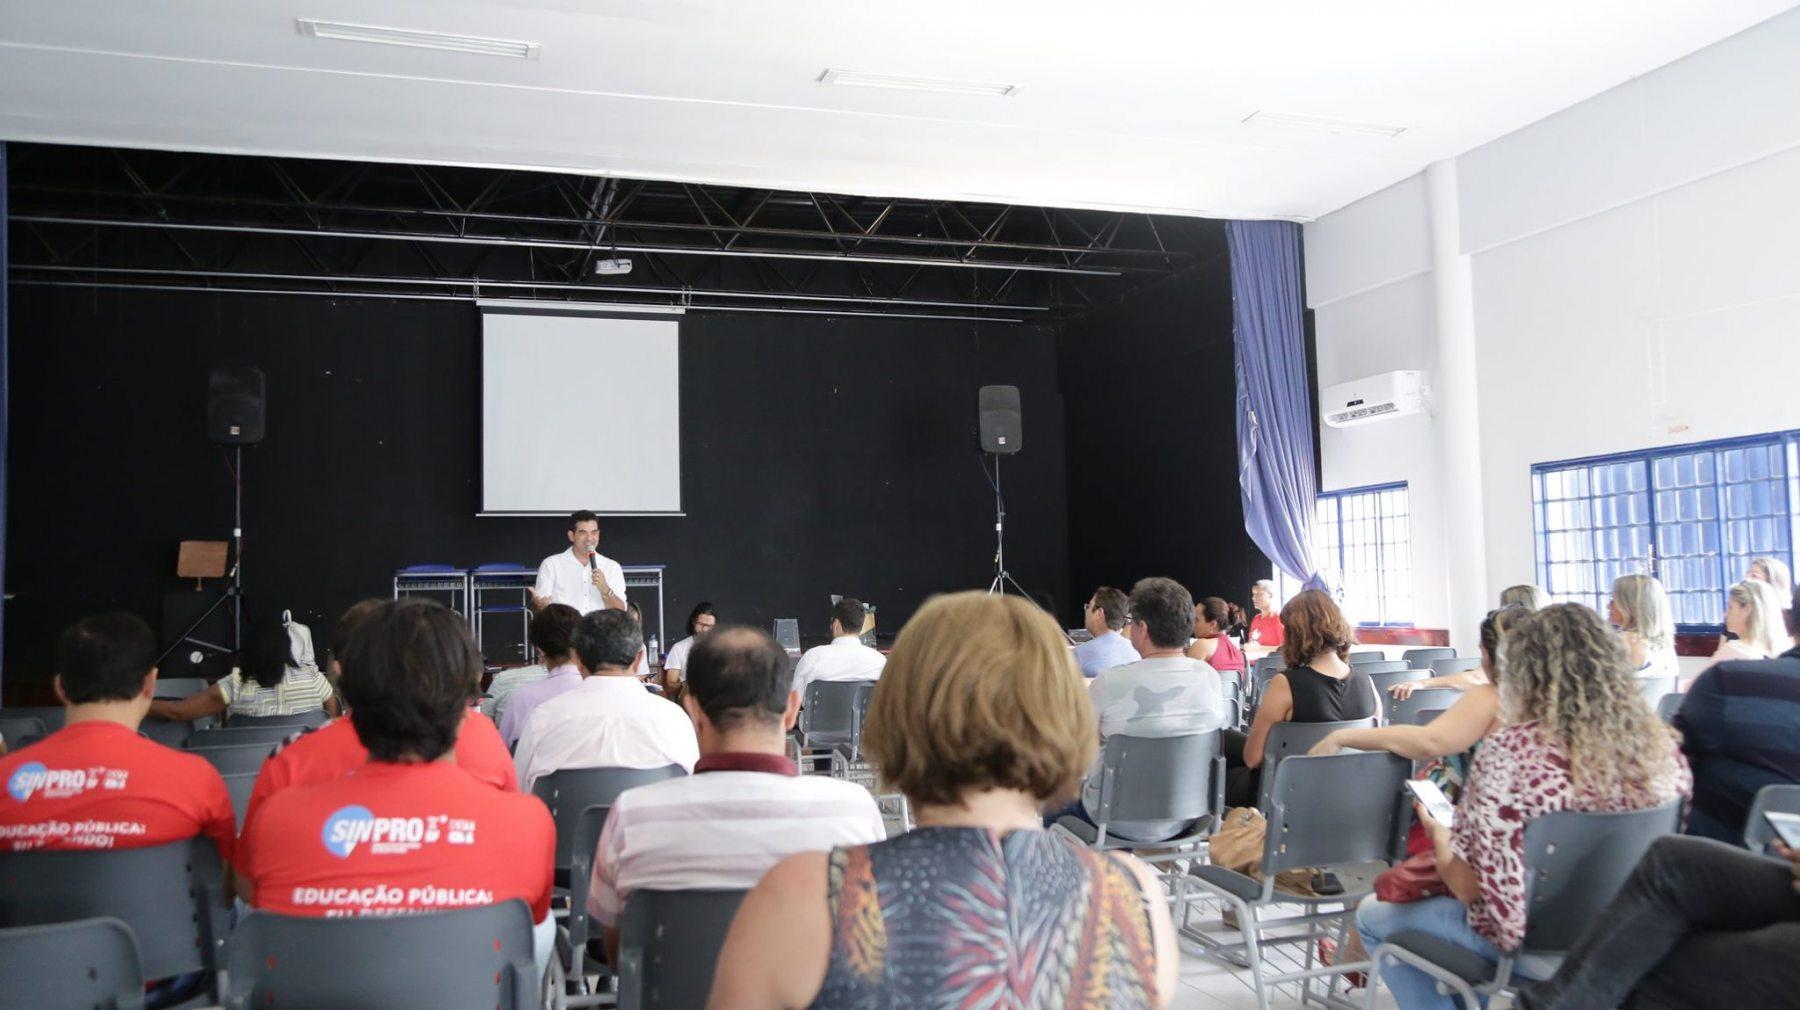 2020.02.17_Reuniao-com-gestores-de-escolas_fotos-ECOM-27